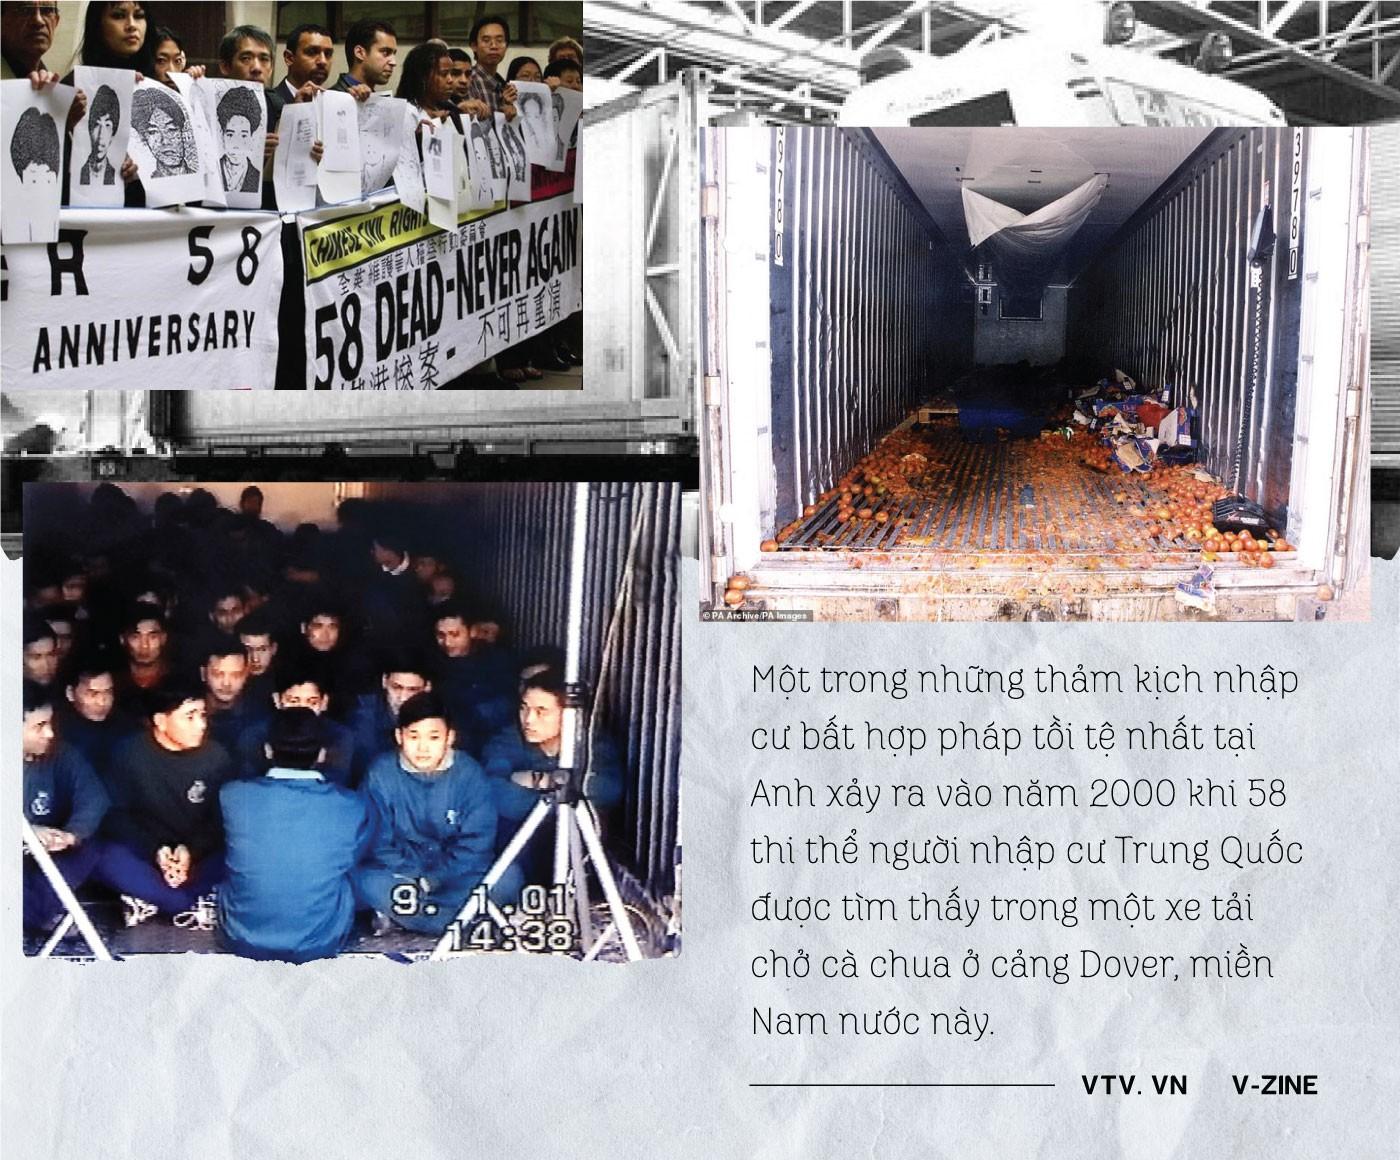 Hành trình ác mộng đến Châu Âu của những người nhập cư bất hợp pháp - Ảnh 12.